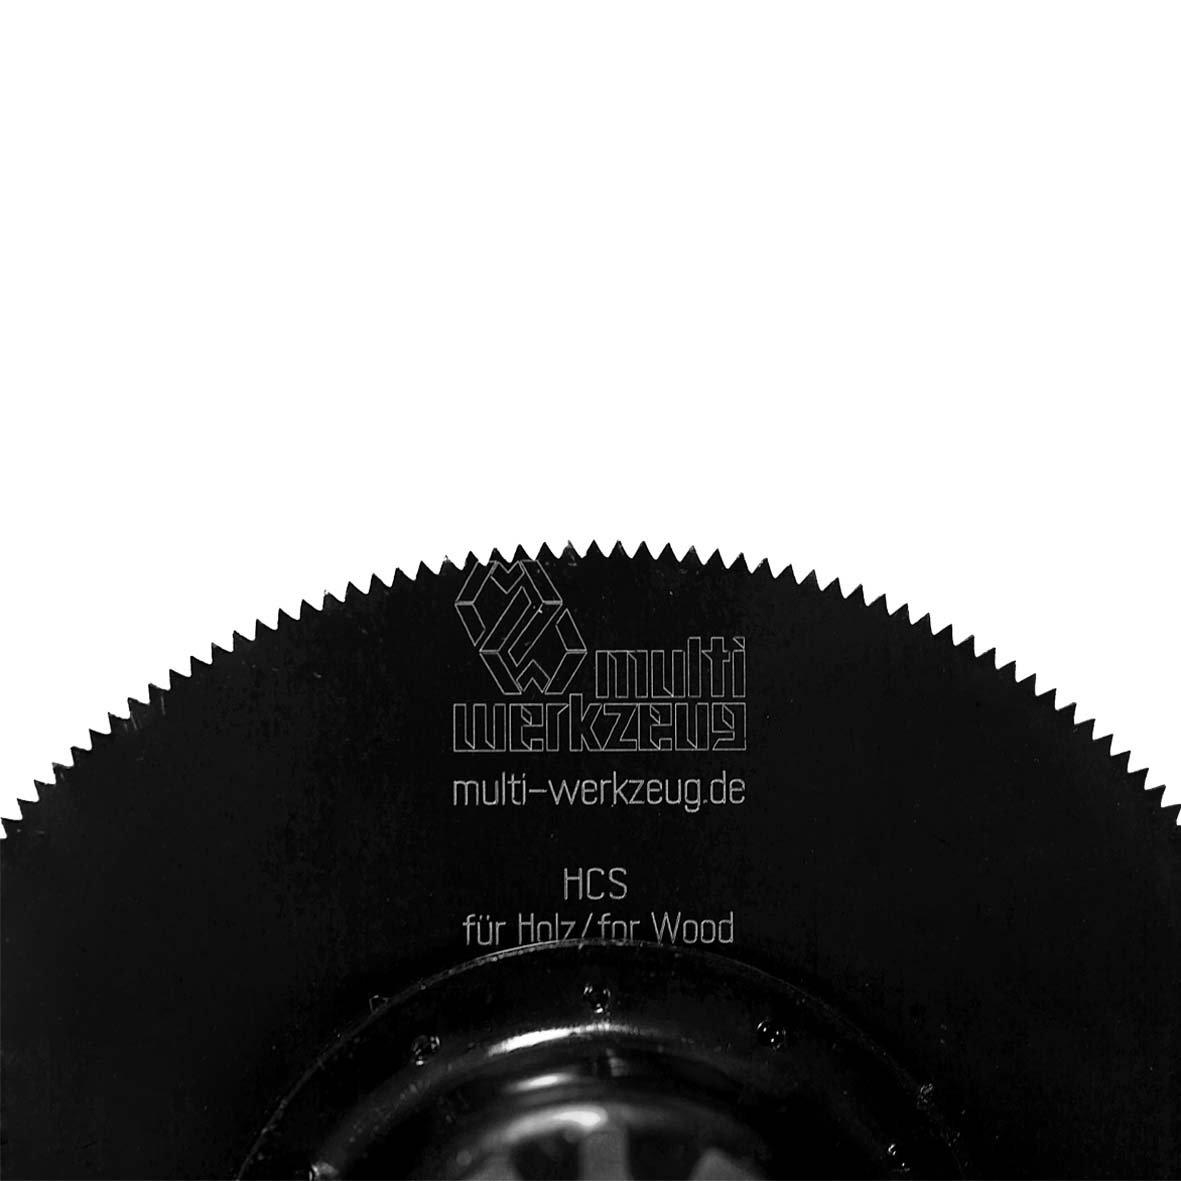 Makita Worx Bosch Gips und Kunststoff passend f/ür AEG Fein Multimaster Topcraft MW multi werkzeug/® 10 St/ück HCS Universal Multitool Segment-S/ägebl/ätter 88mm f/ür Holz Einhell